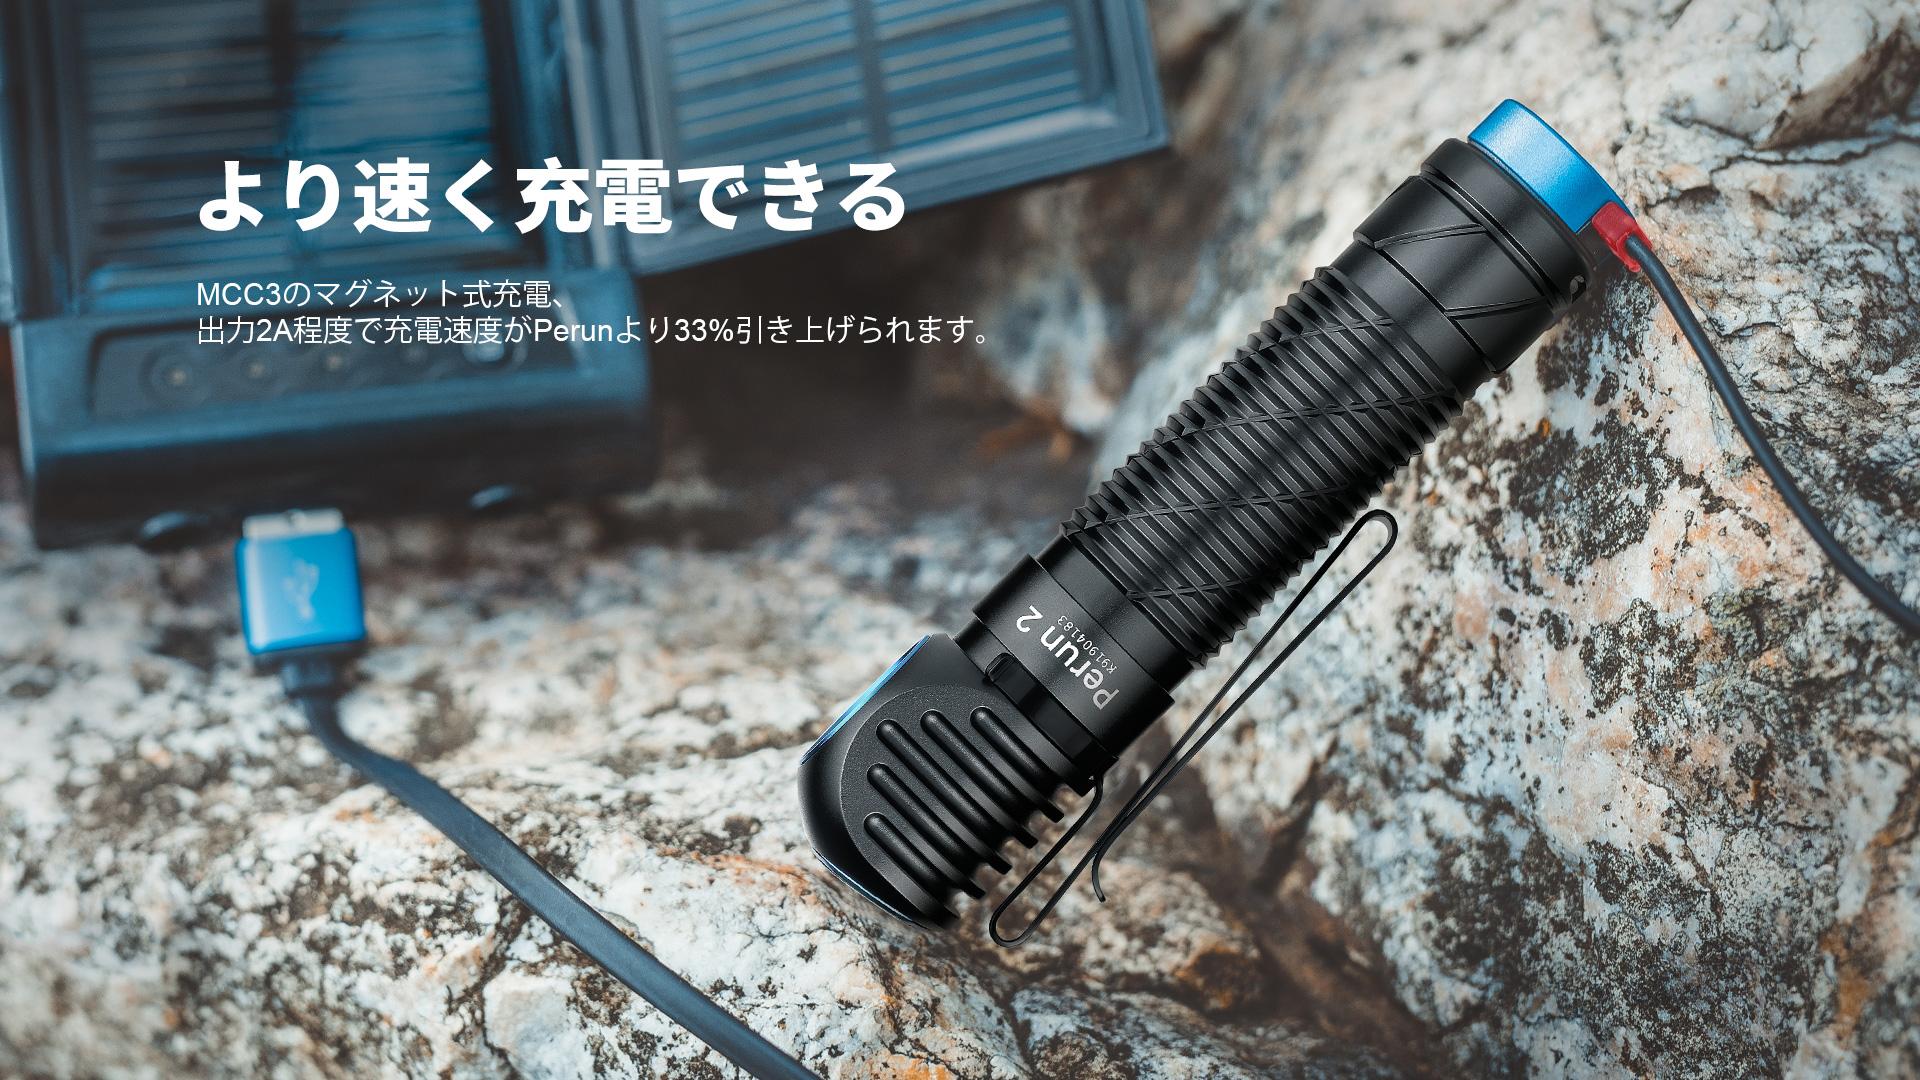 perun2は磁気急速充電をサポートしています